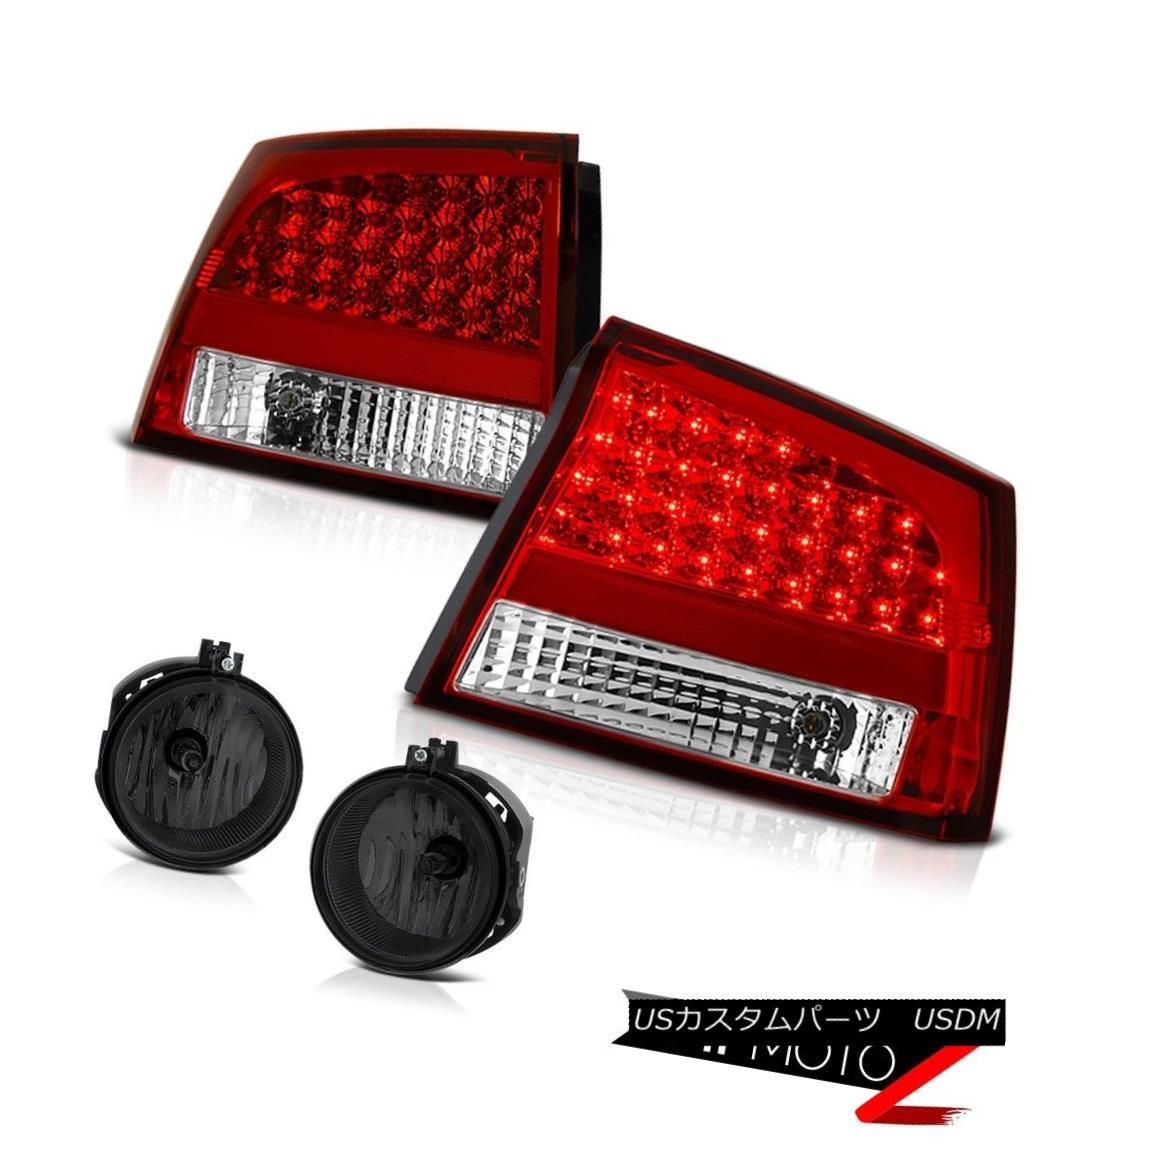 テールライト 2006 2007 2008 Dodge Charger Hemi LED Tail Lights Bumper Driving Smoke Foglights 2006年2007年2008年ダッジ充電器Hemi LEDテールライトバンパー駆動スモークフォグライト